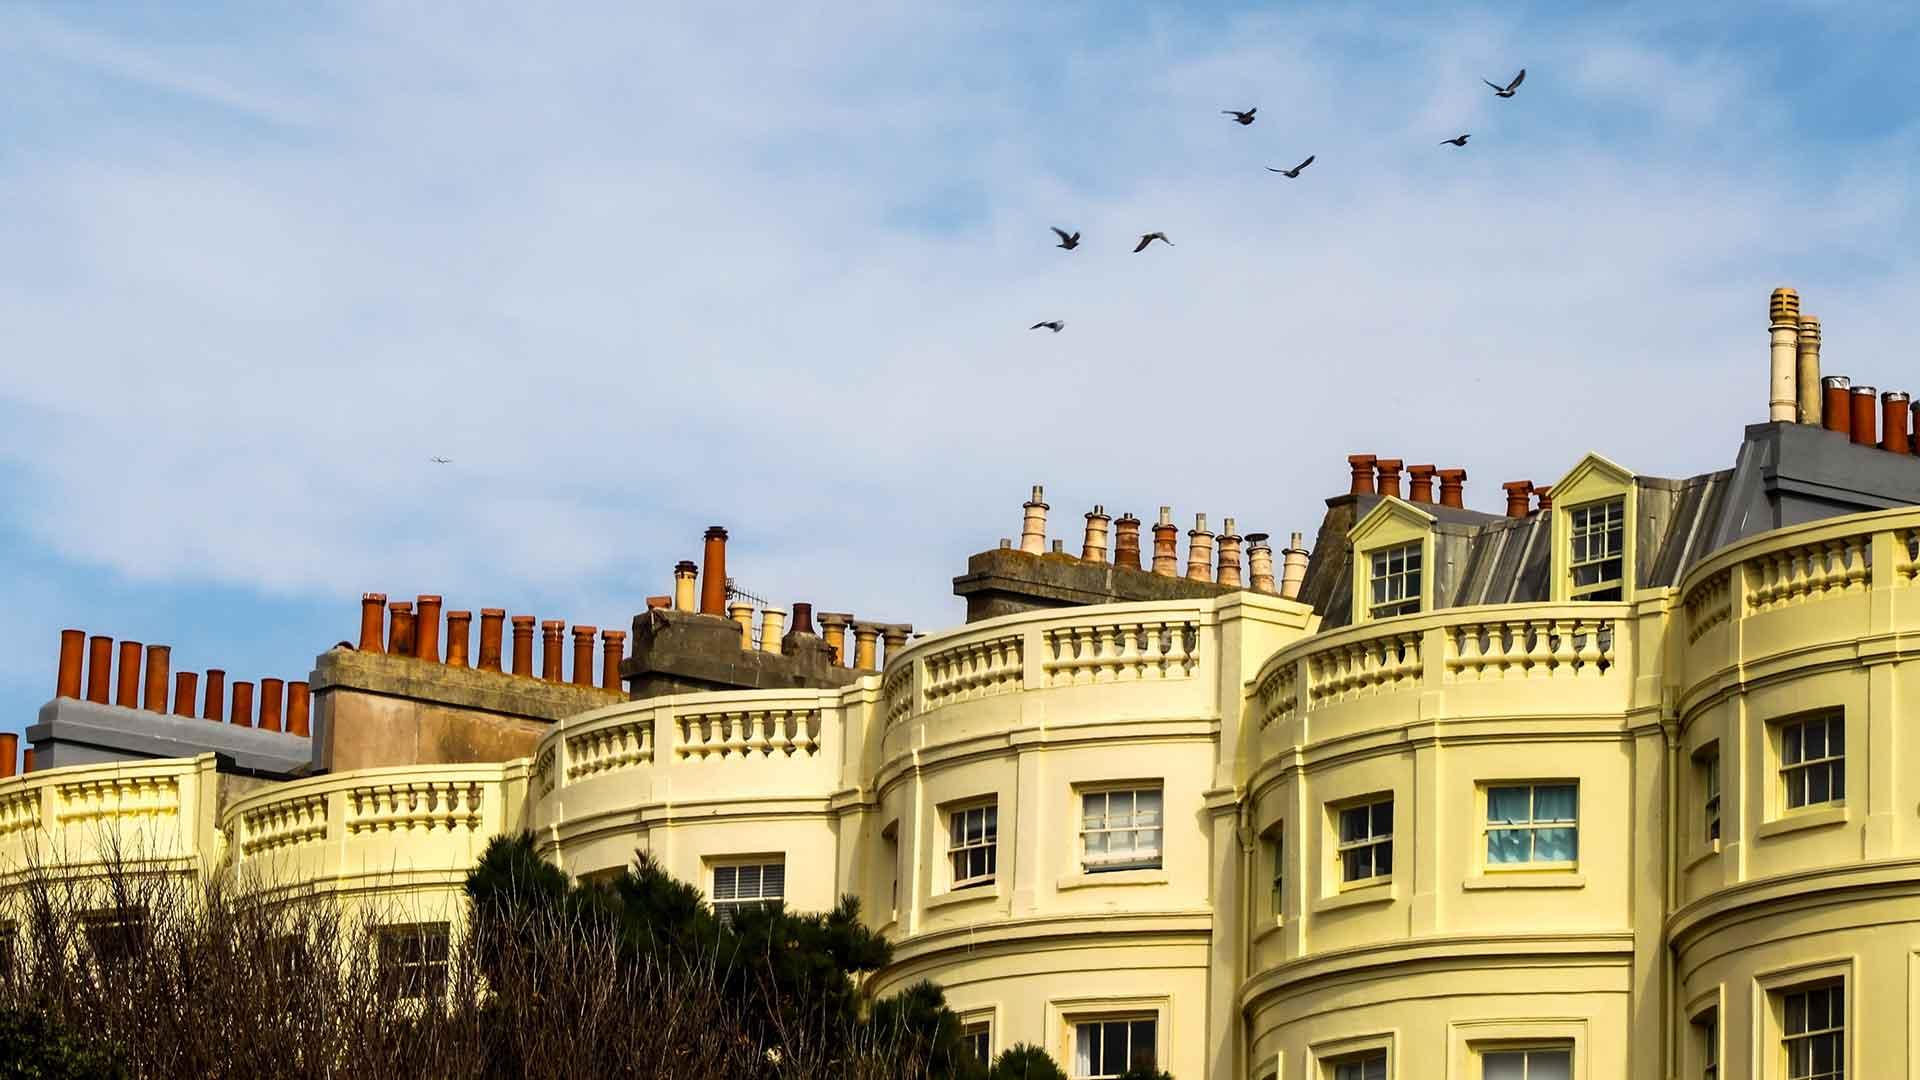 Regency buildings in Brighton's Regency Square